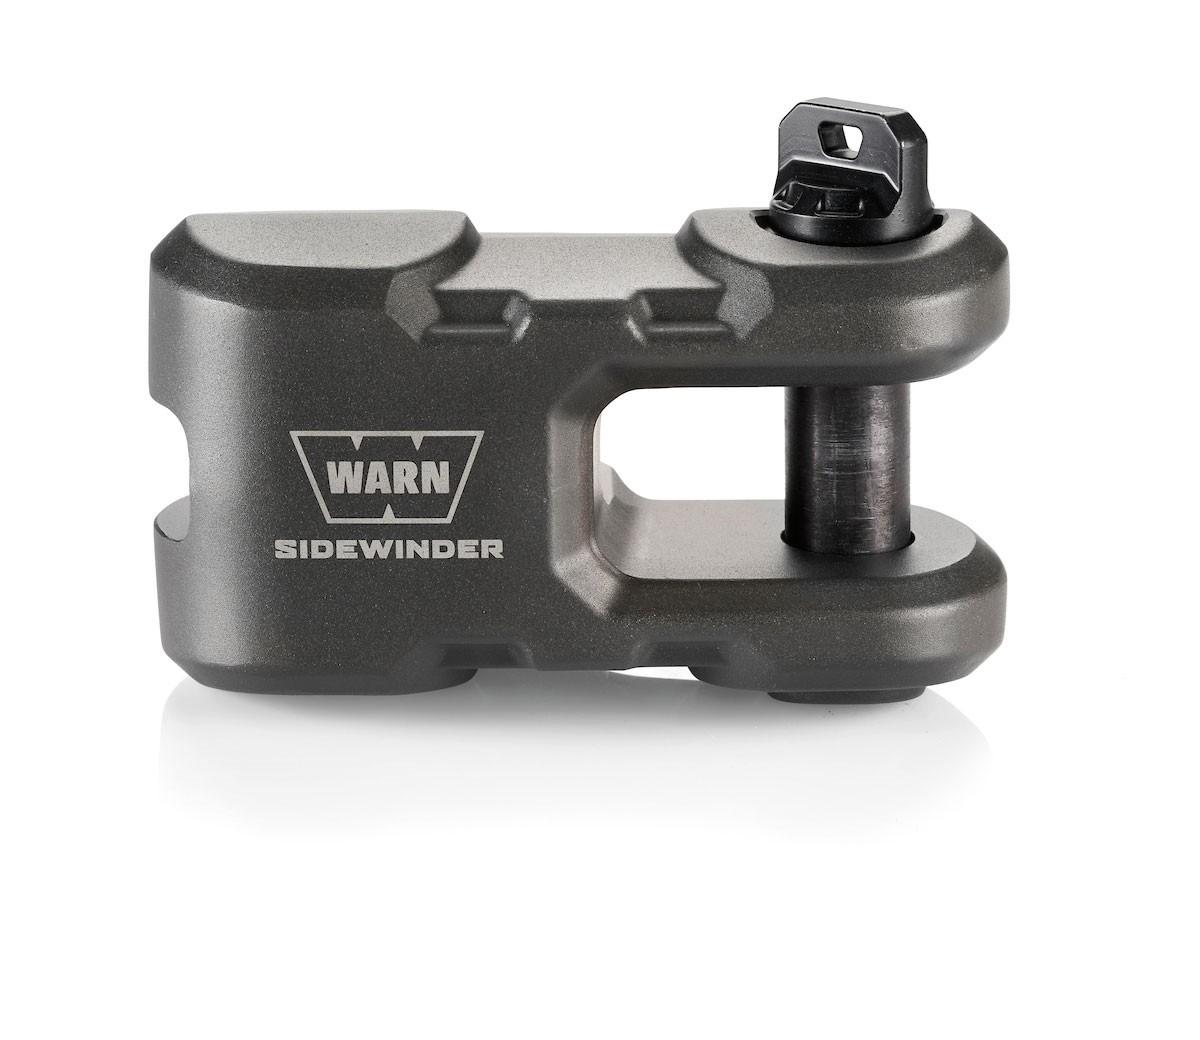 Gancho Para Guincho Warn Sidewinder cinza metálico - 100635